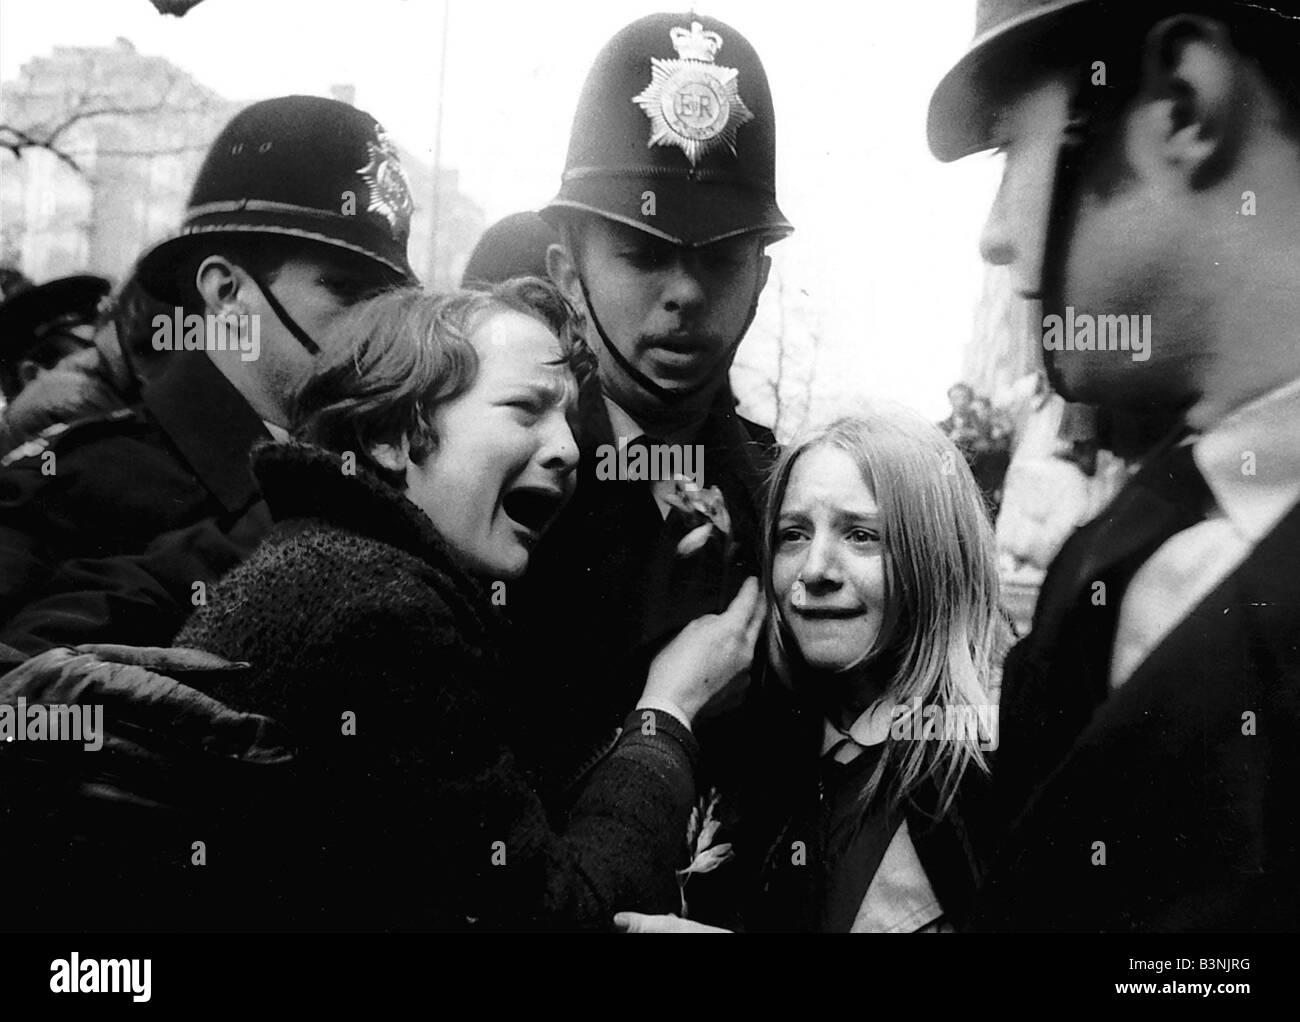 Malestar Beatles fans llorando porque Paul McCartney se casó son llevados por la policía de marzo de 1969 Foto de stock